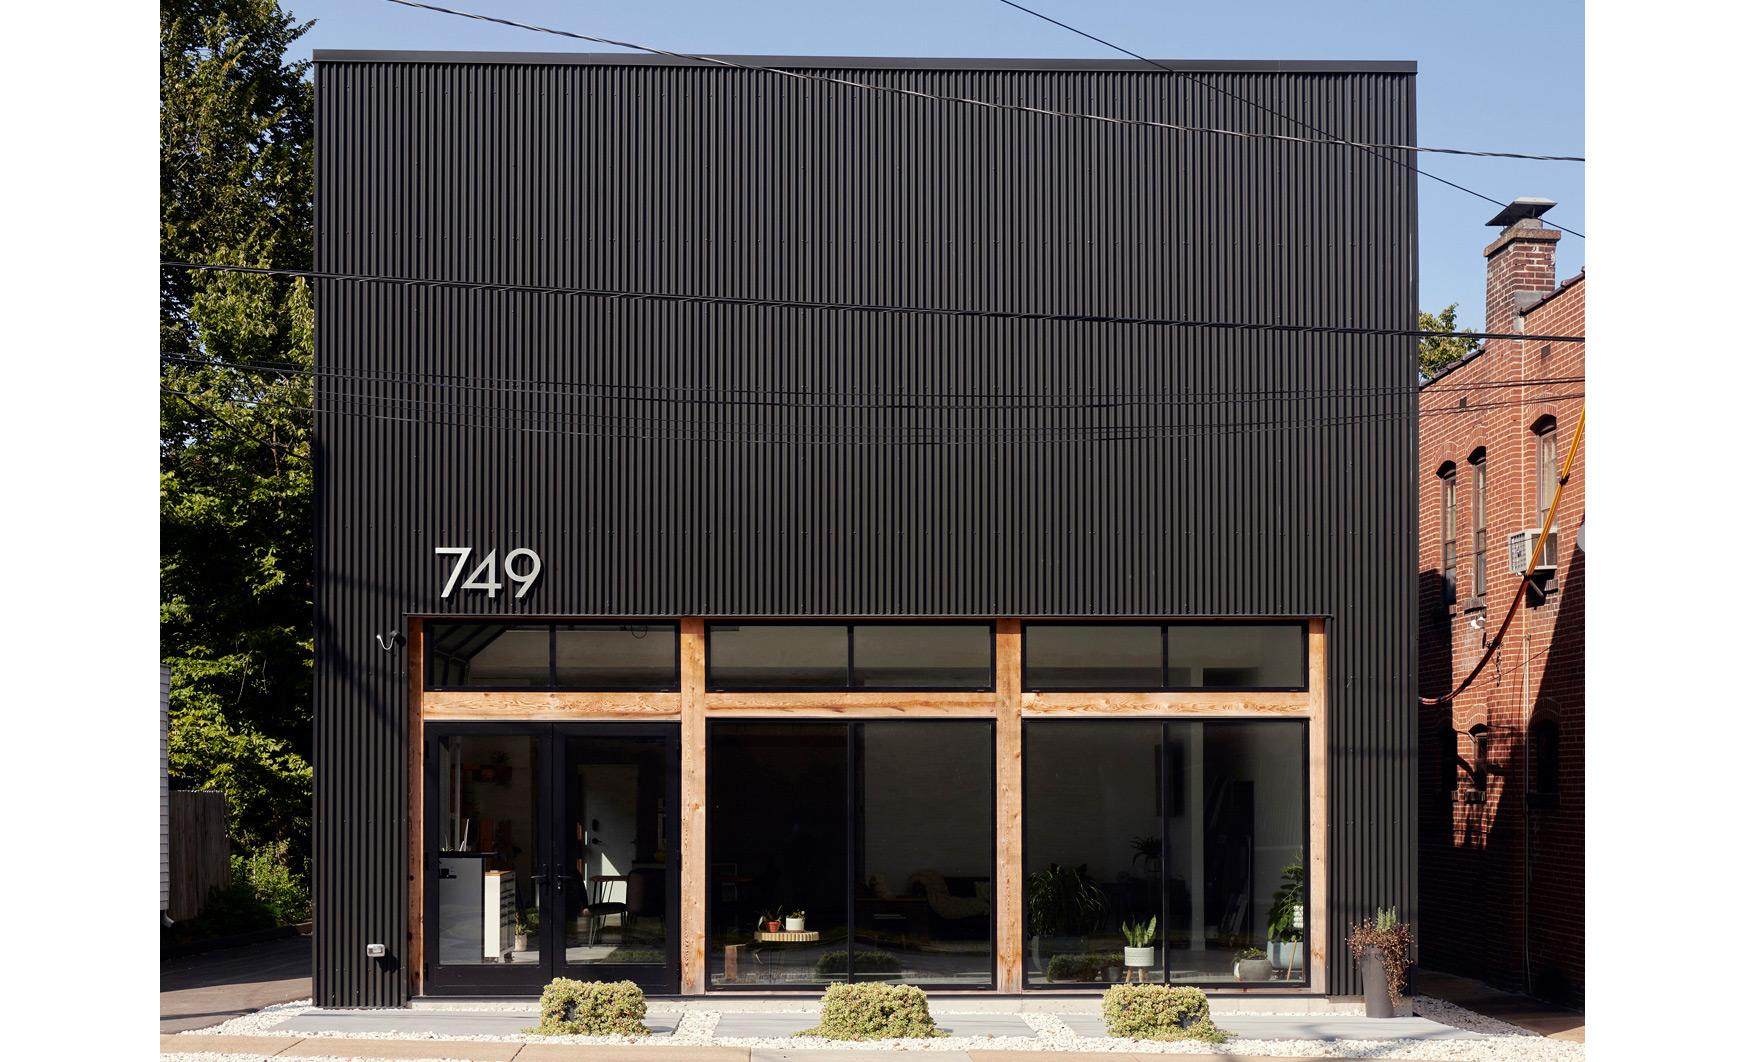 Studio 749